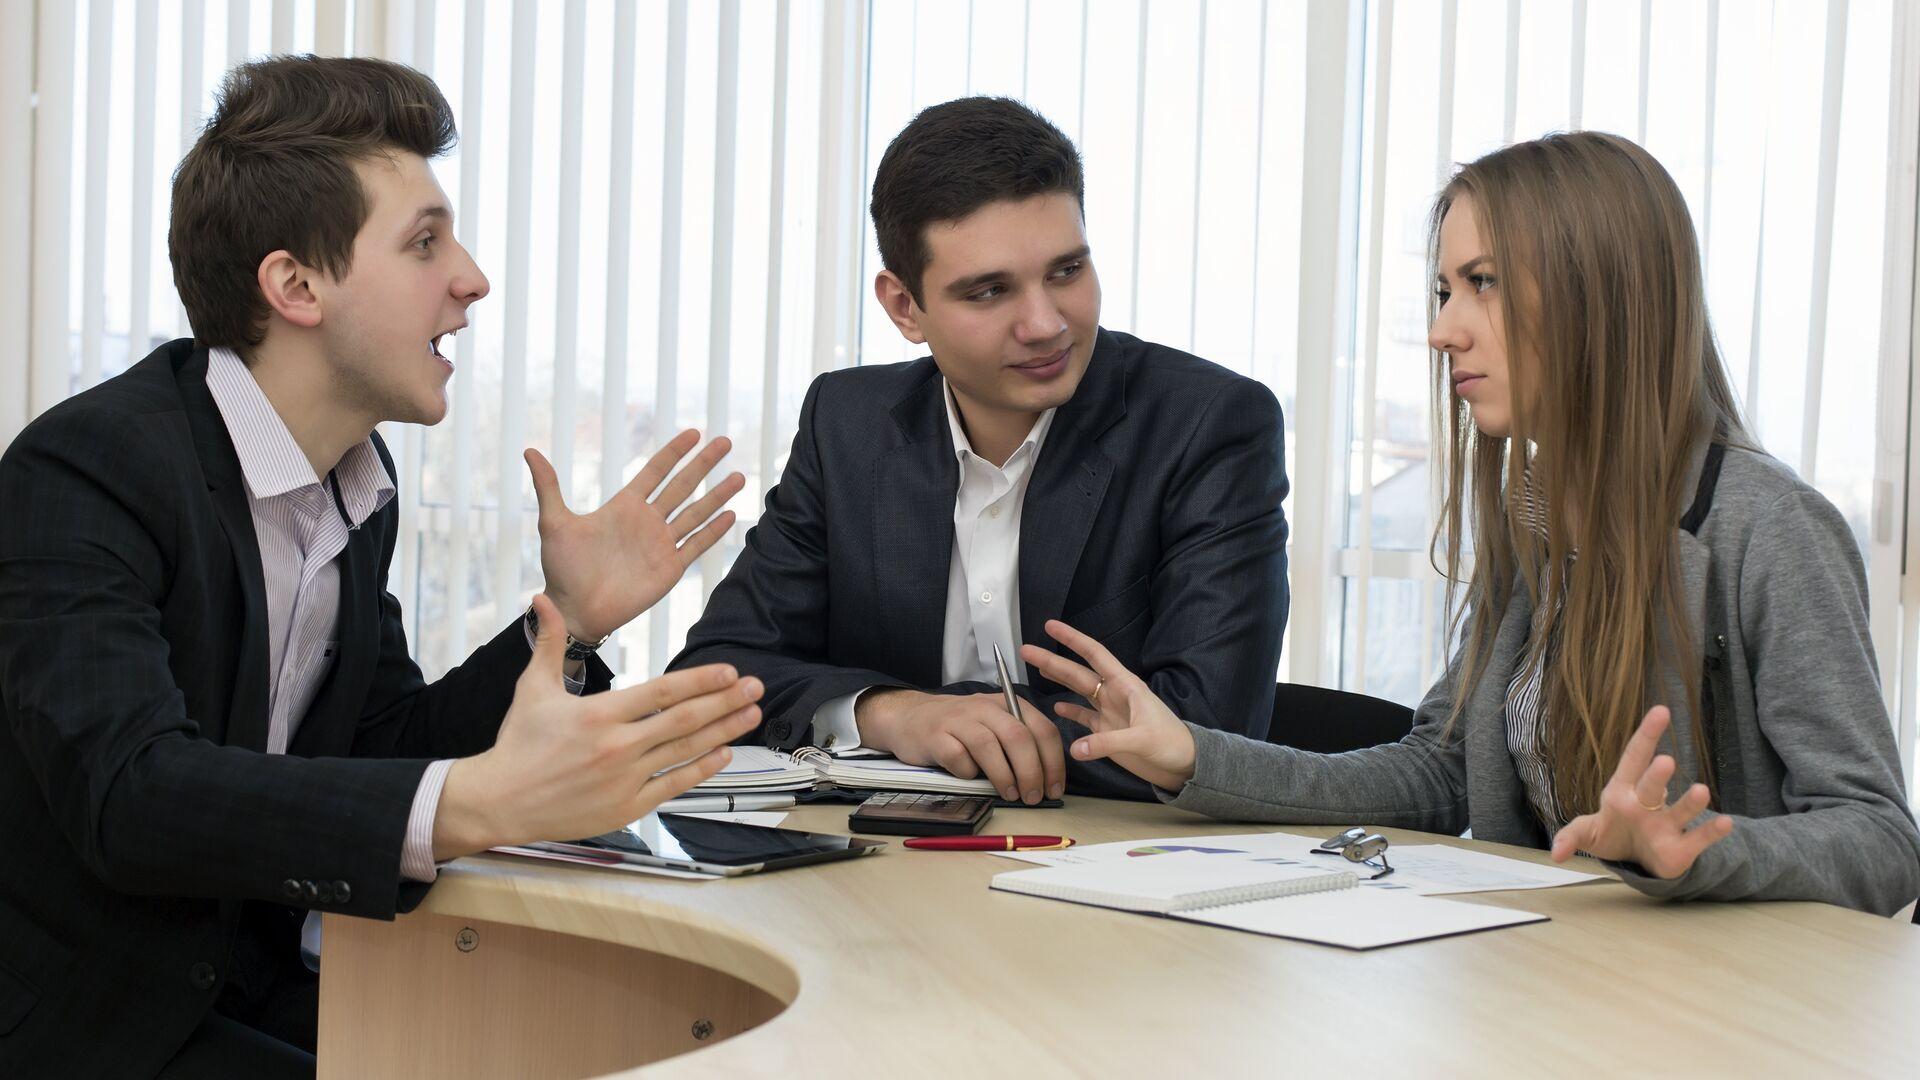 Рабочее обсуждение в офисе0